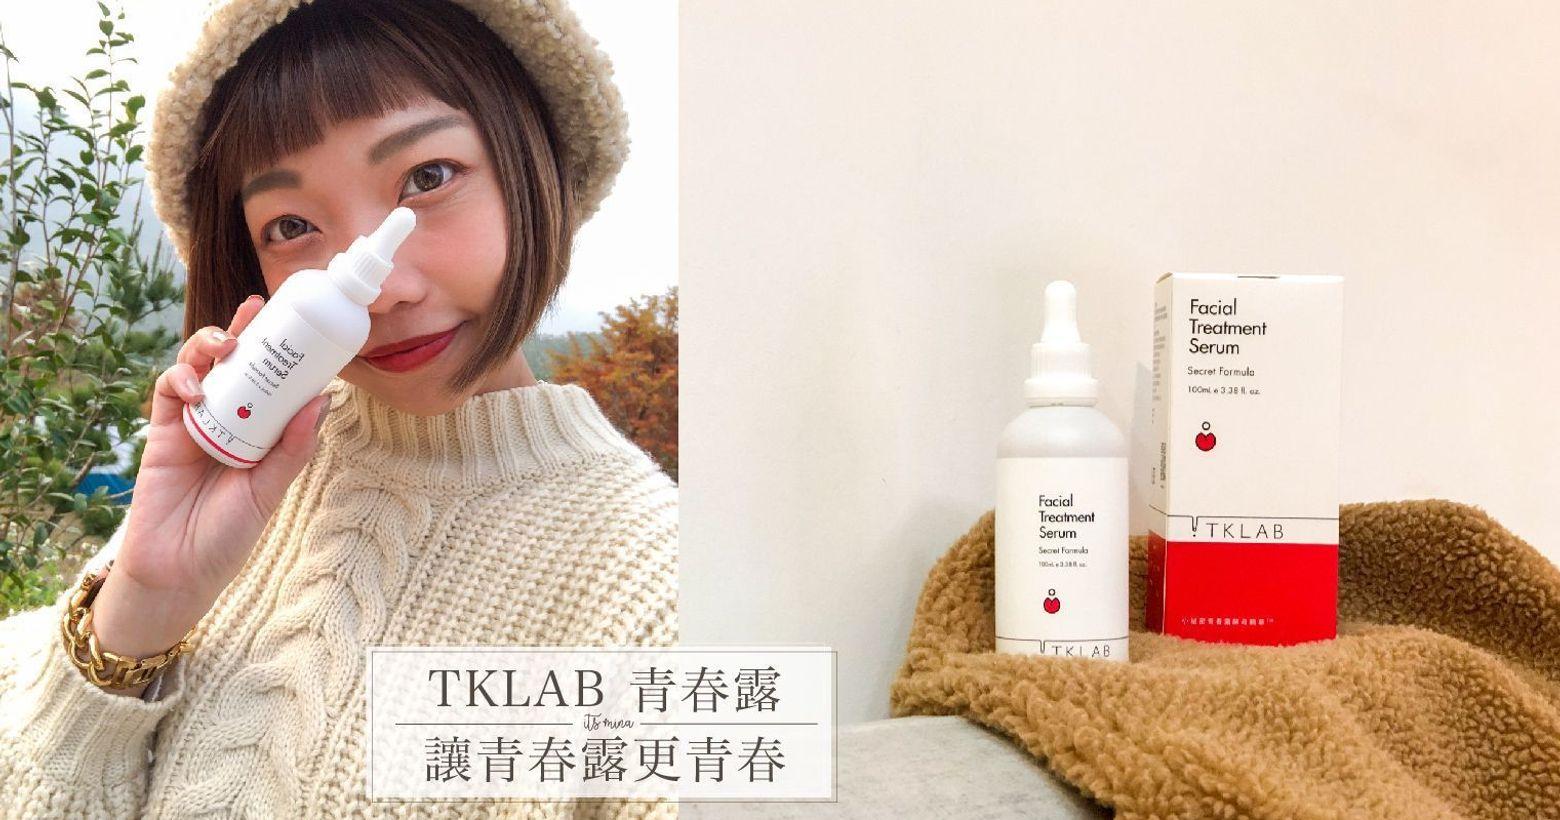 | 開箱 X 保養 | 專櫃的品質開架的價格-高CP質保養品 - TKLAB小秘密青春露酵母精華每個